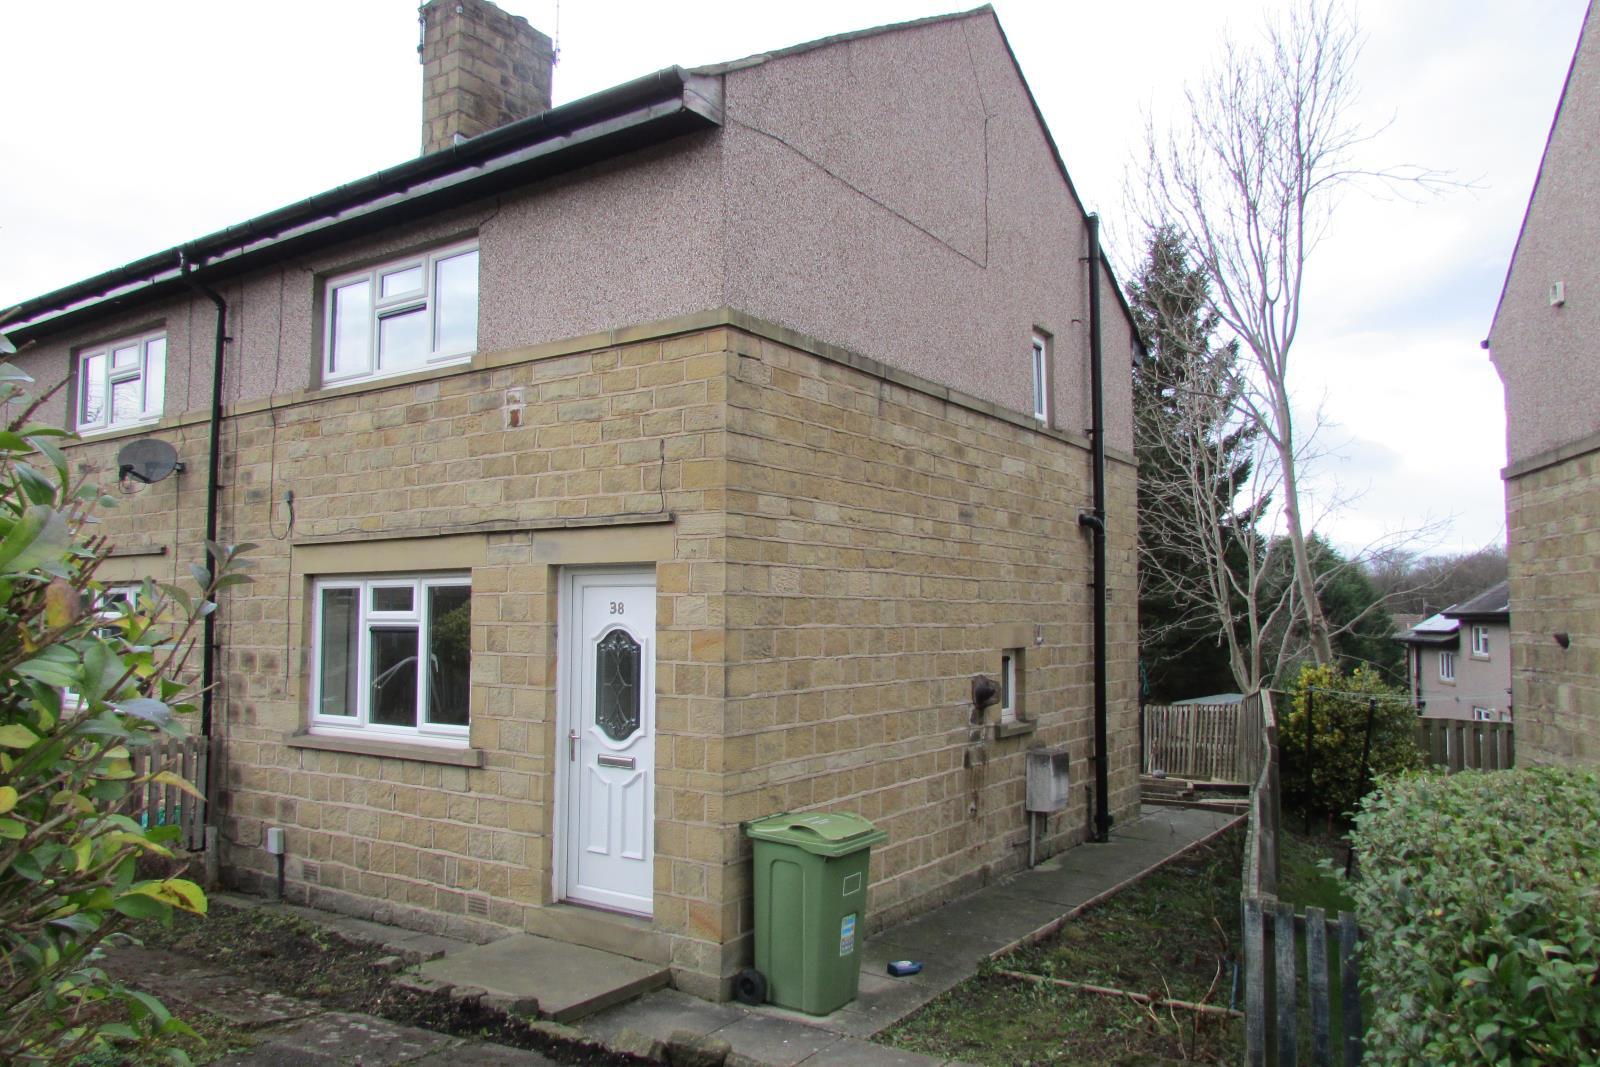 38 Ashenhurst Road, Huddersfield HD4 6QB